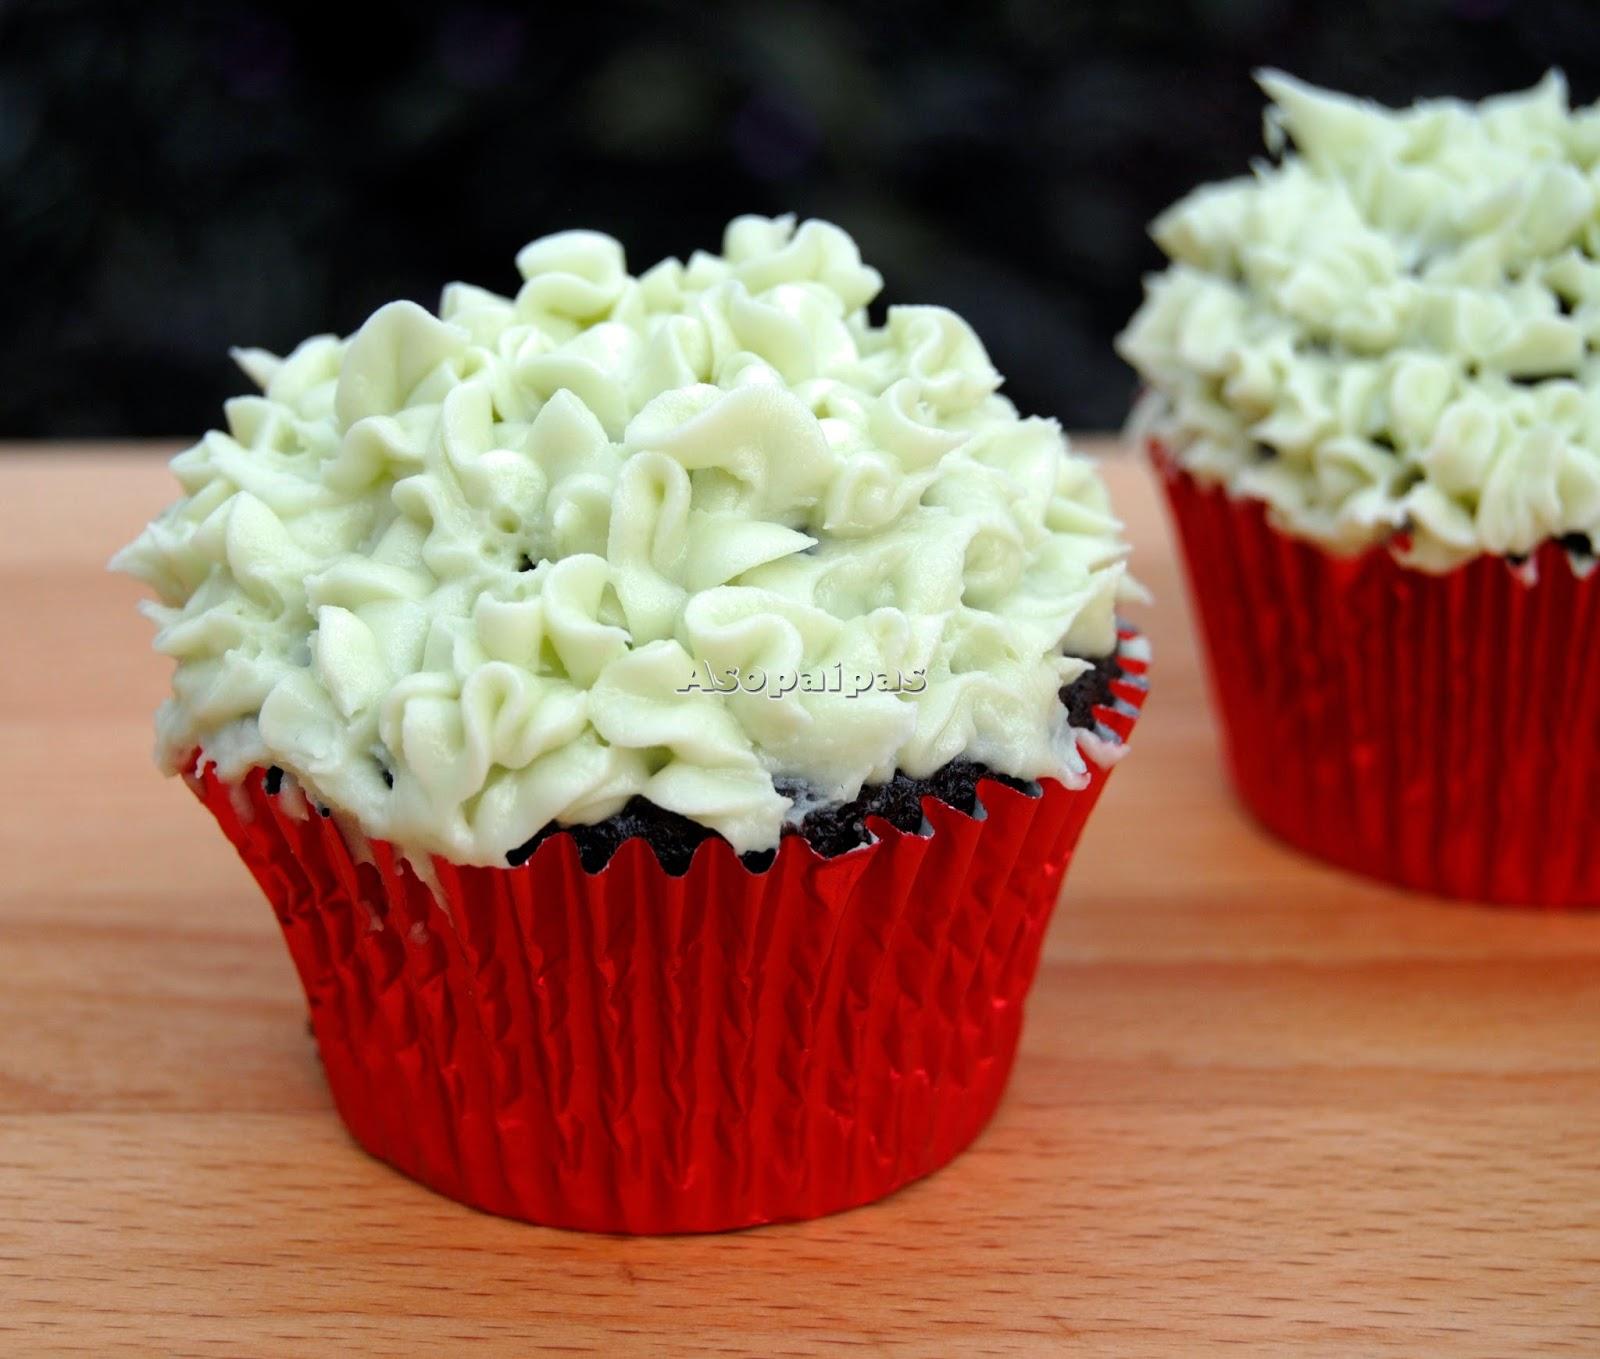 http://www.asopaipas.com/2014/07/cupcakes-de-chocolate-y-frosting-de.html